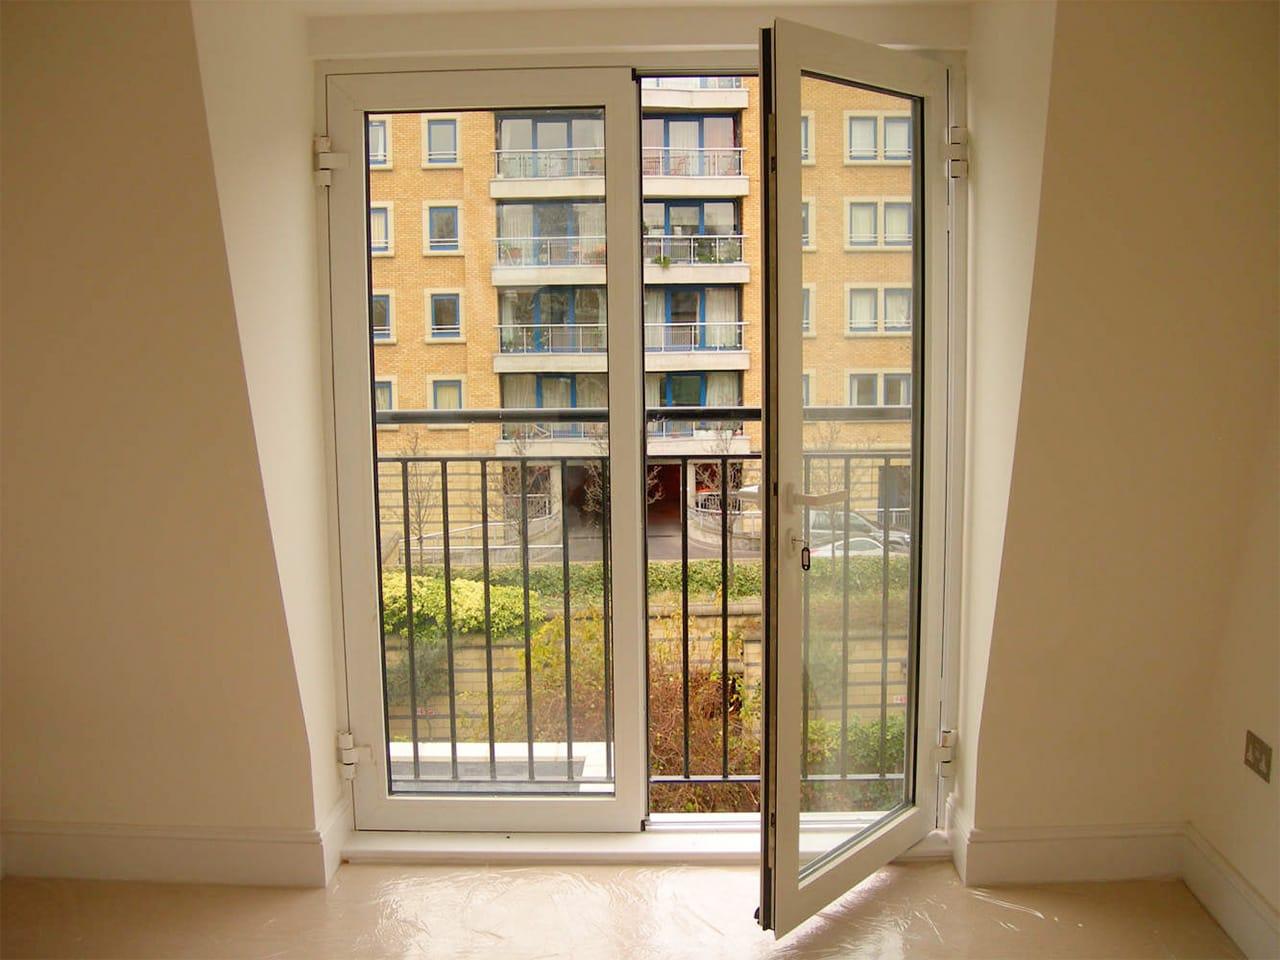 Как открыть дверь на балкон. - наши работы - каталог статей .